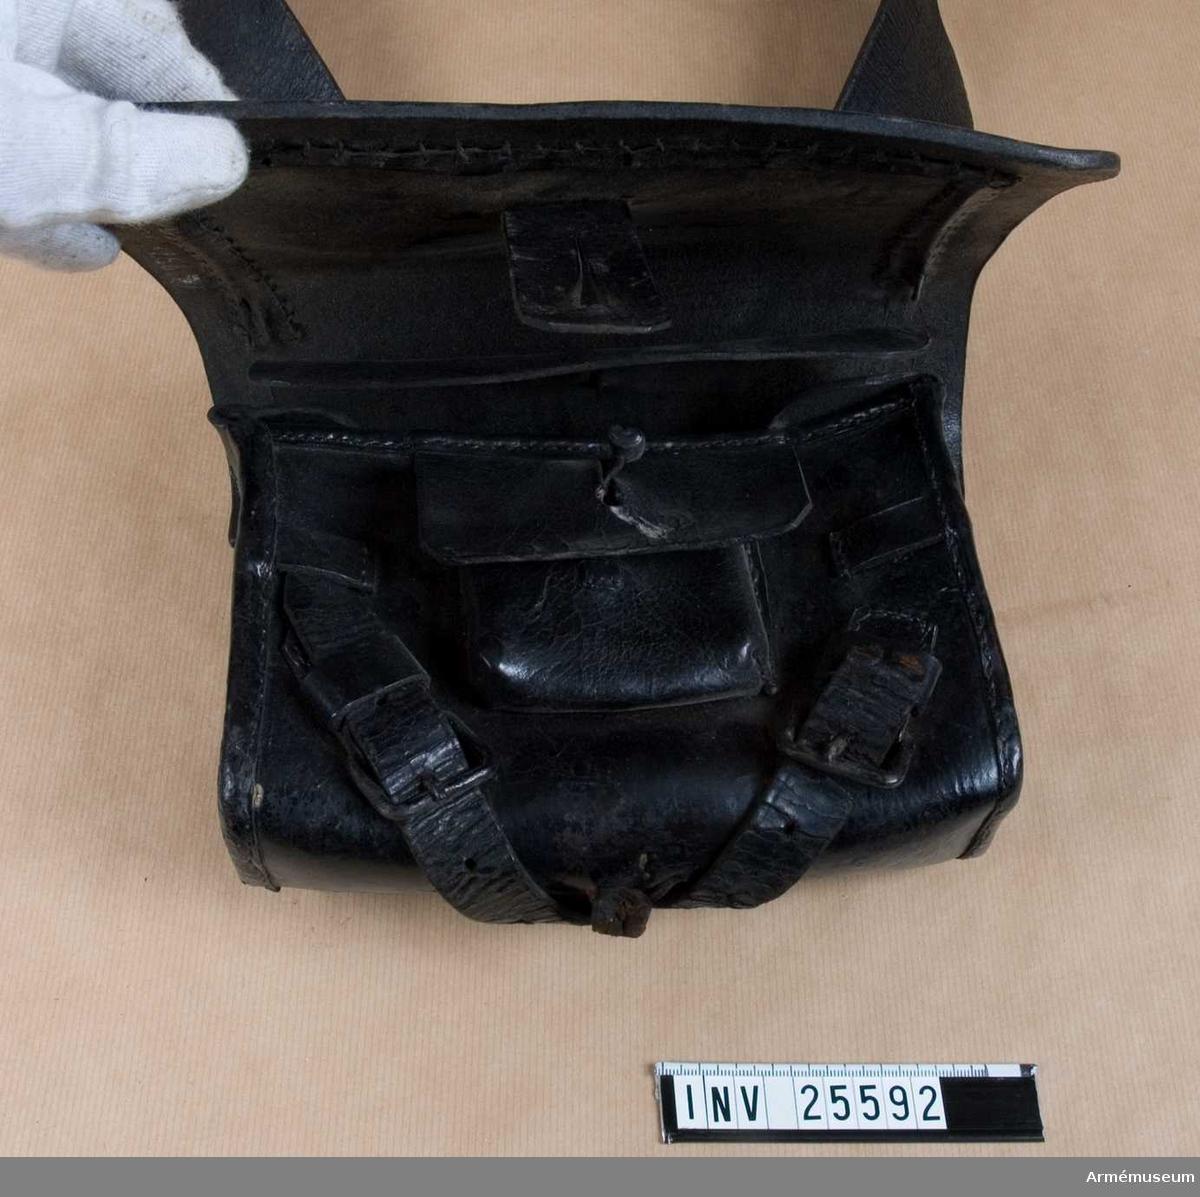 Grupp C I. Ur uniform för manskap vid Västerbottens reg; 1838-1845. Består av jacka, byxa, mössa, skärp, patronkök, bandolär.